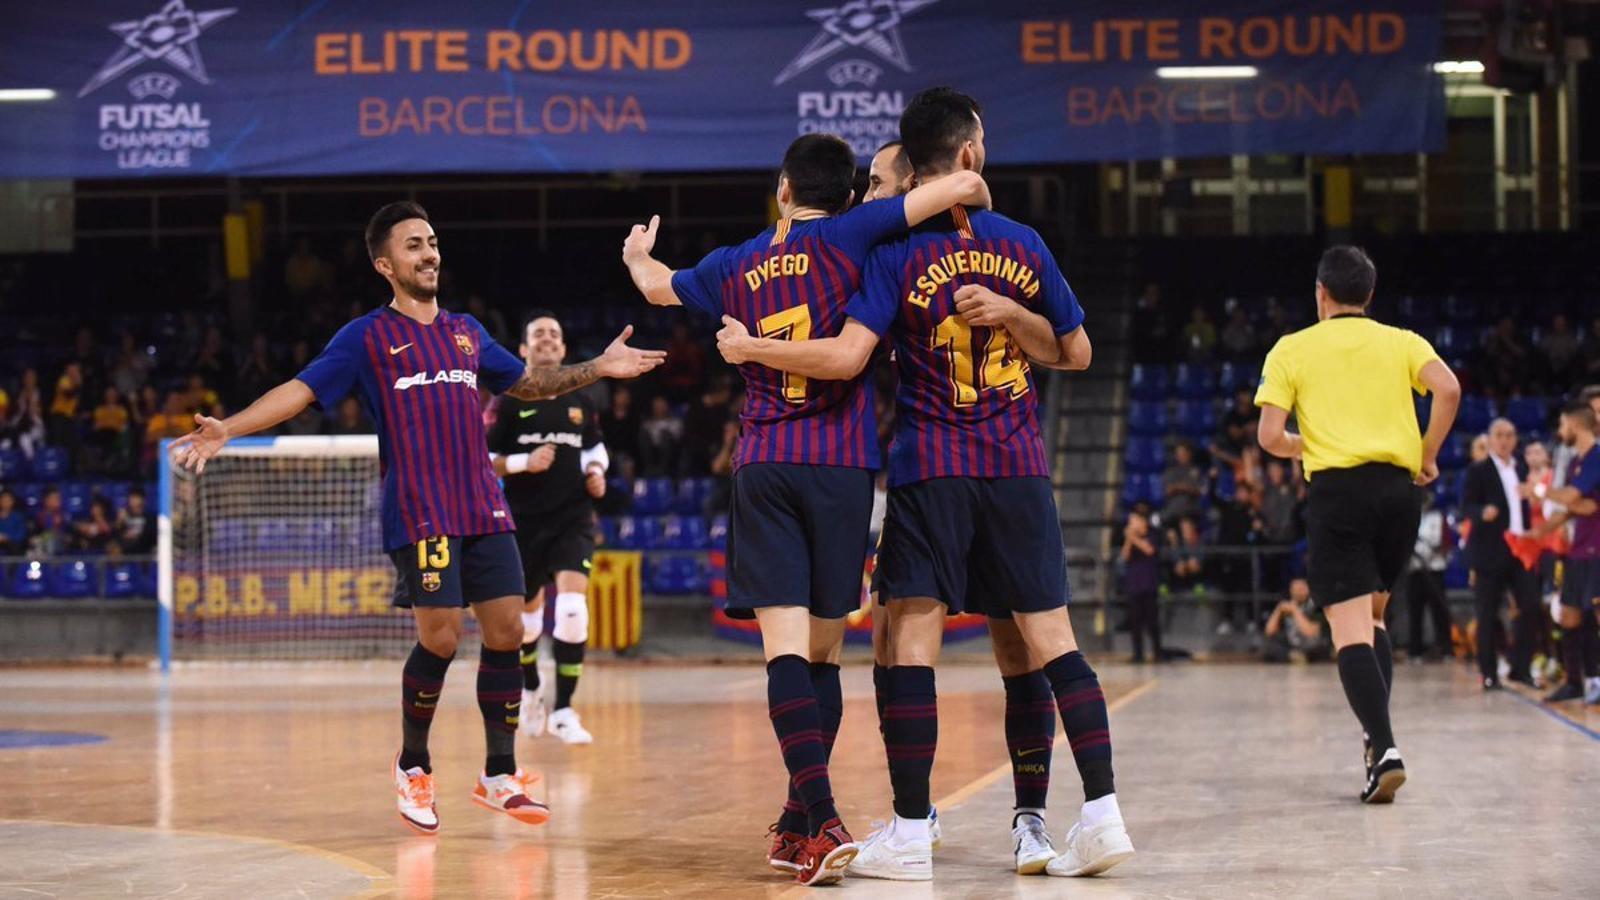 Celebració del Barça Lassa